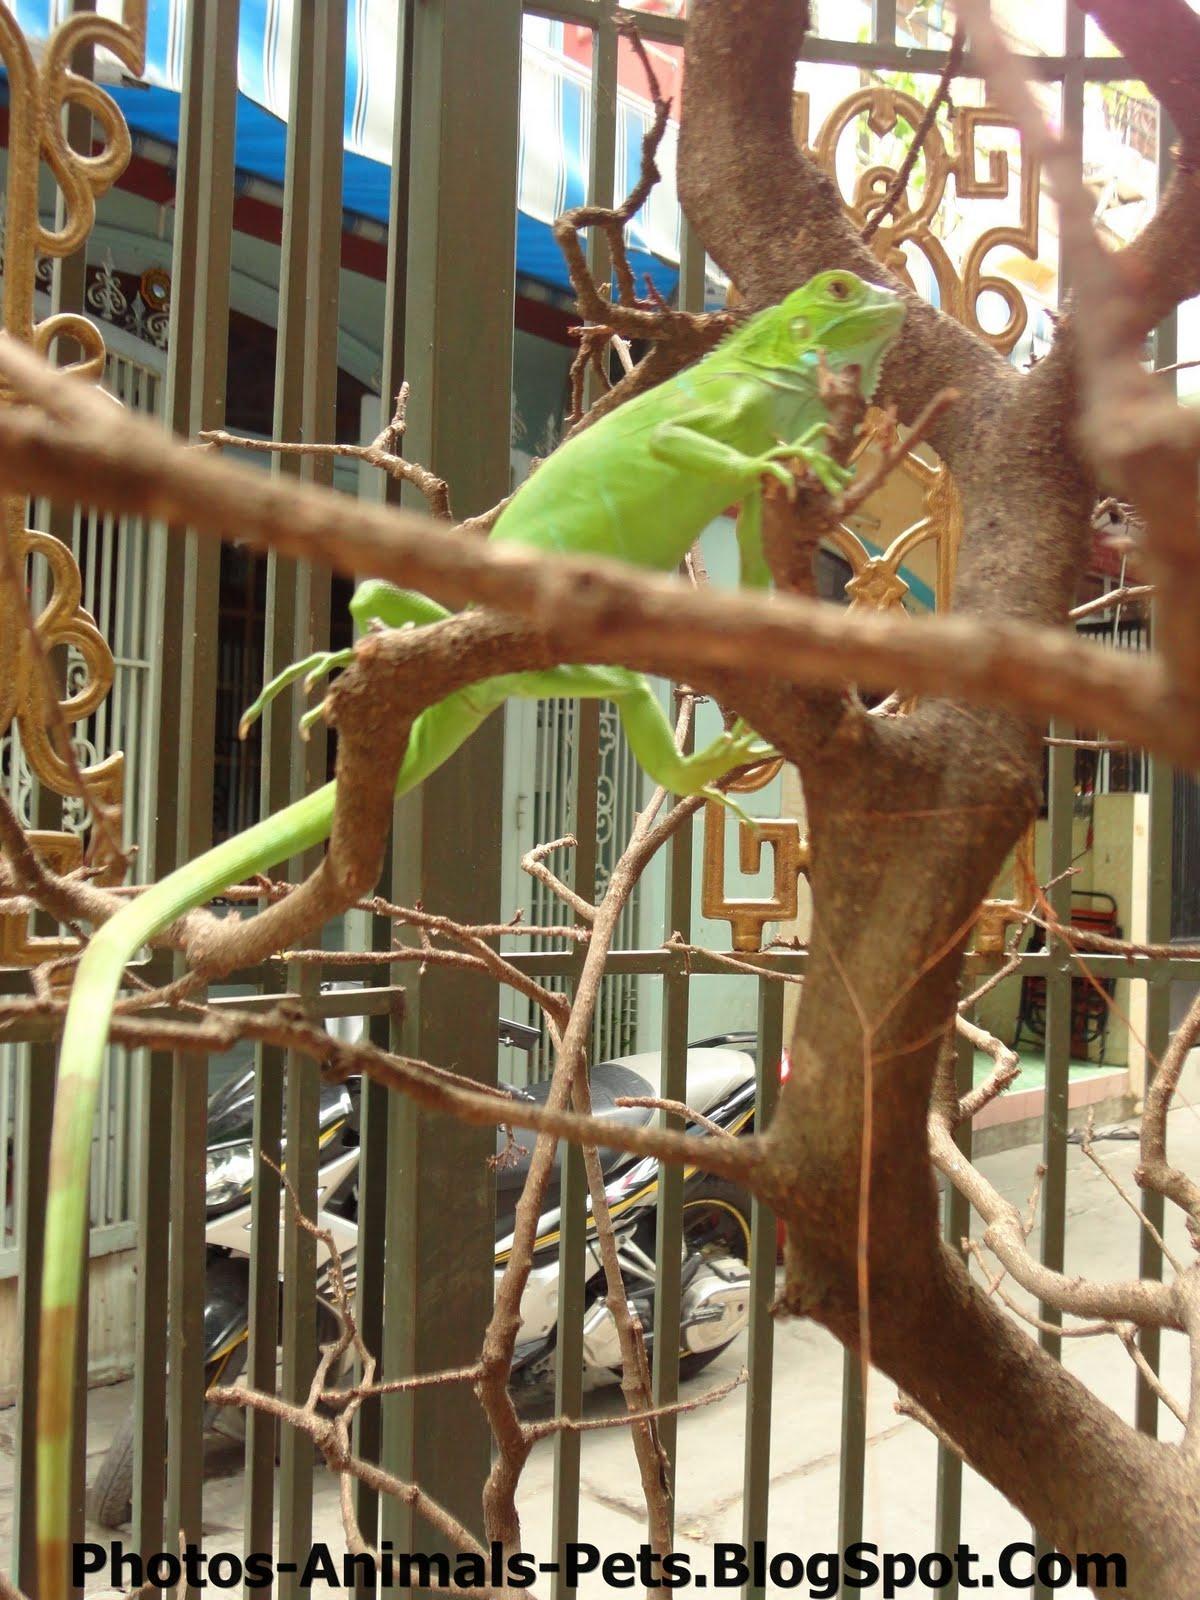 http://4.bp.blogspot.com/-sawrtU2u-X4/TxG43TBrK3I/AAAAAAAACvo/JgrTmXAZTQQ/s1600/Pets%2BGreen%2BIguana.jpg